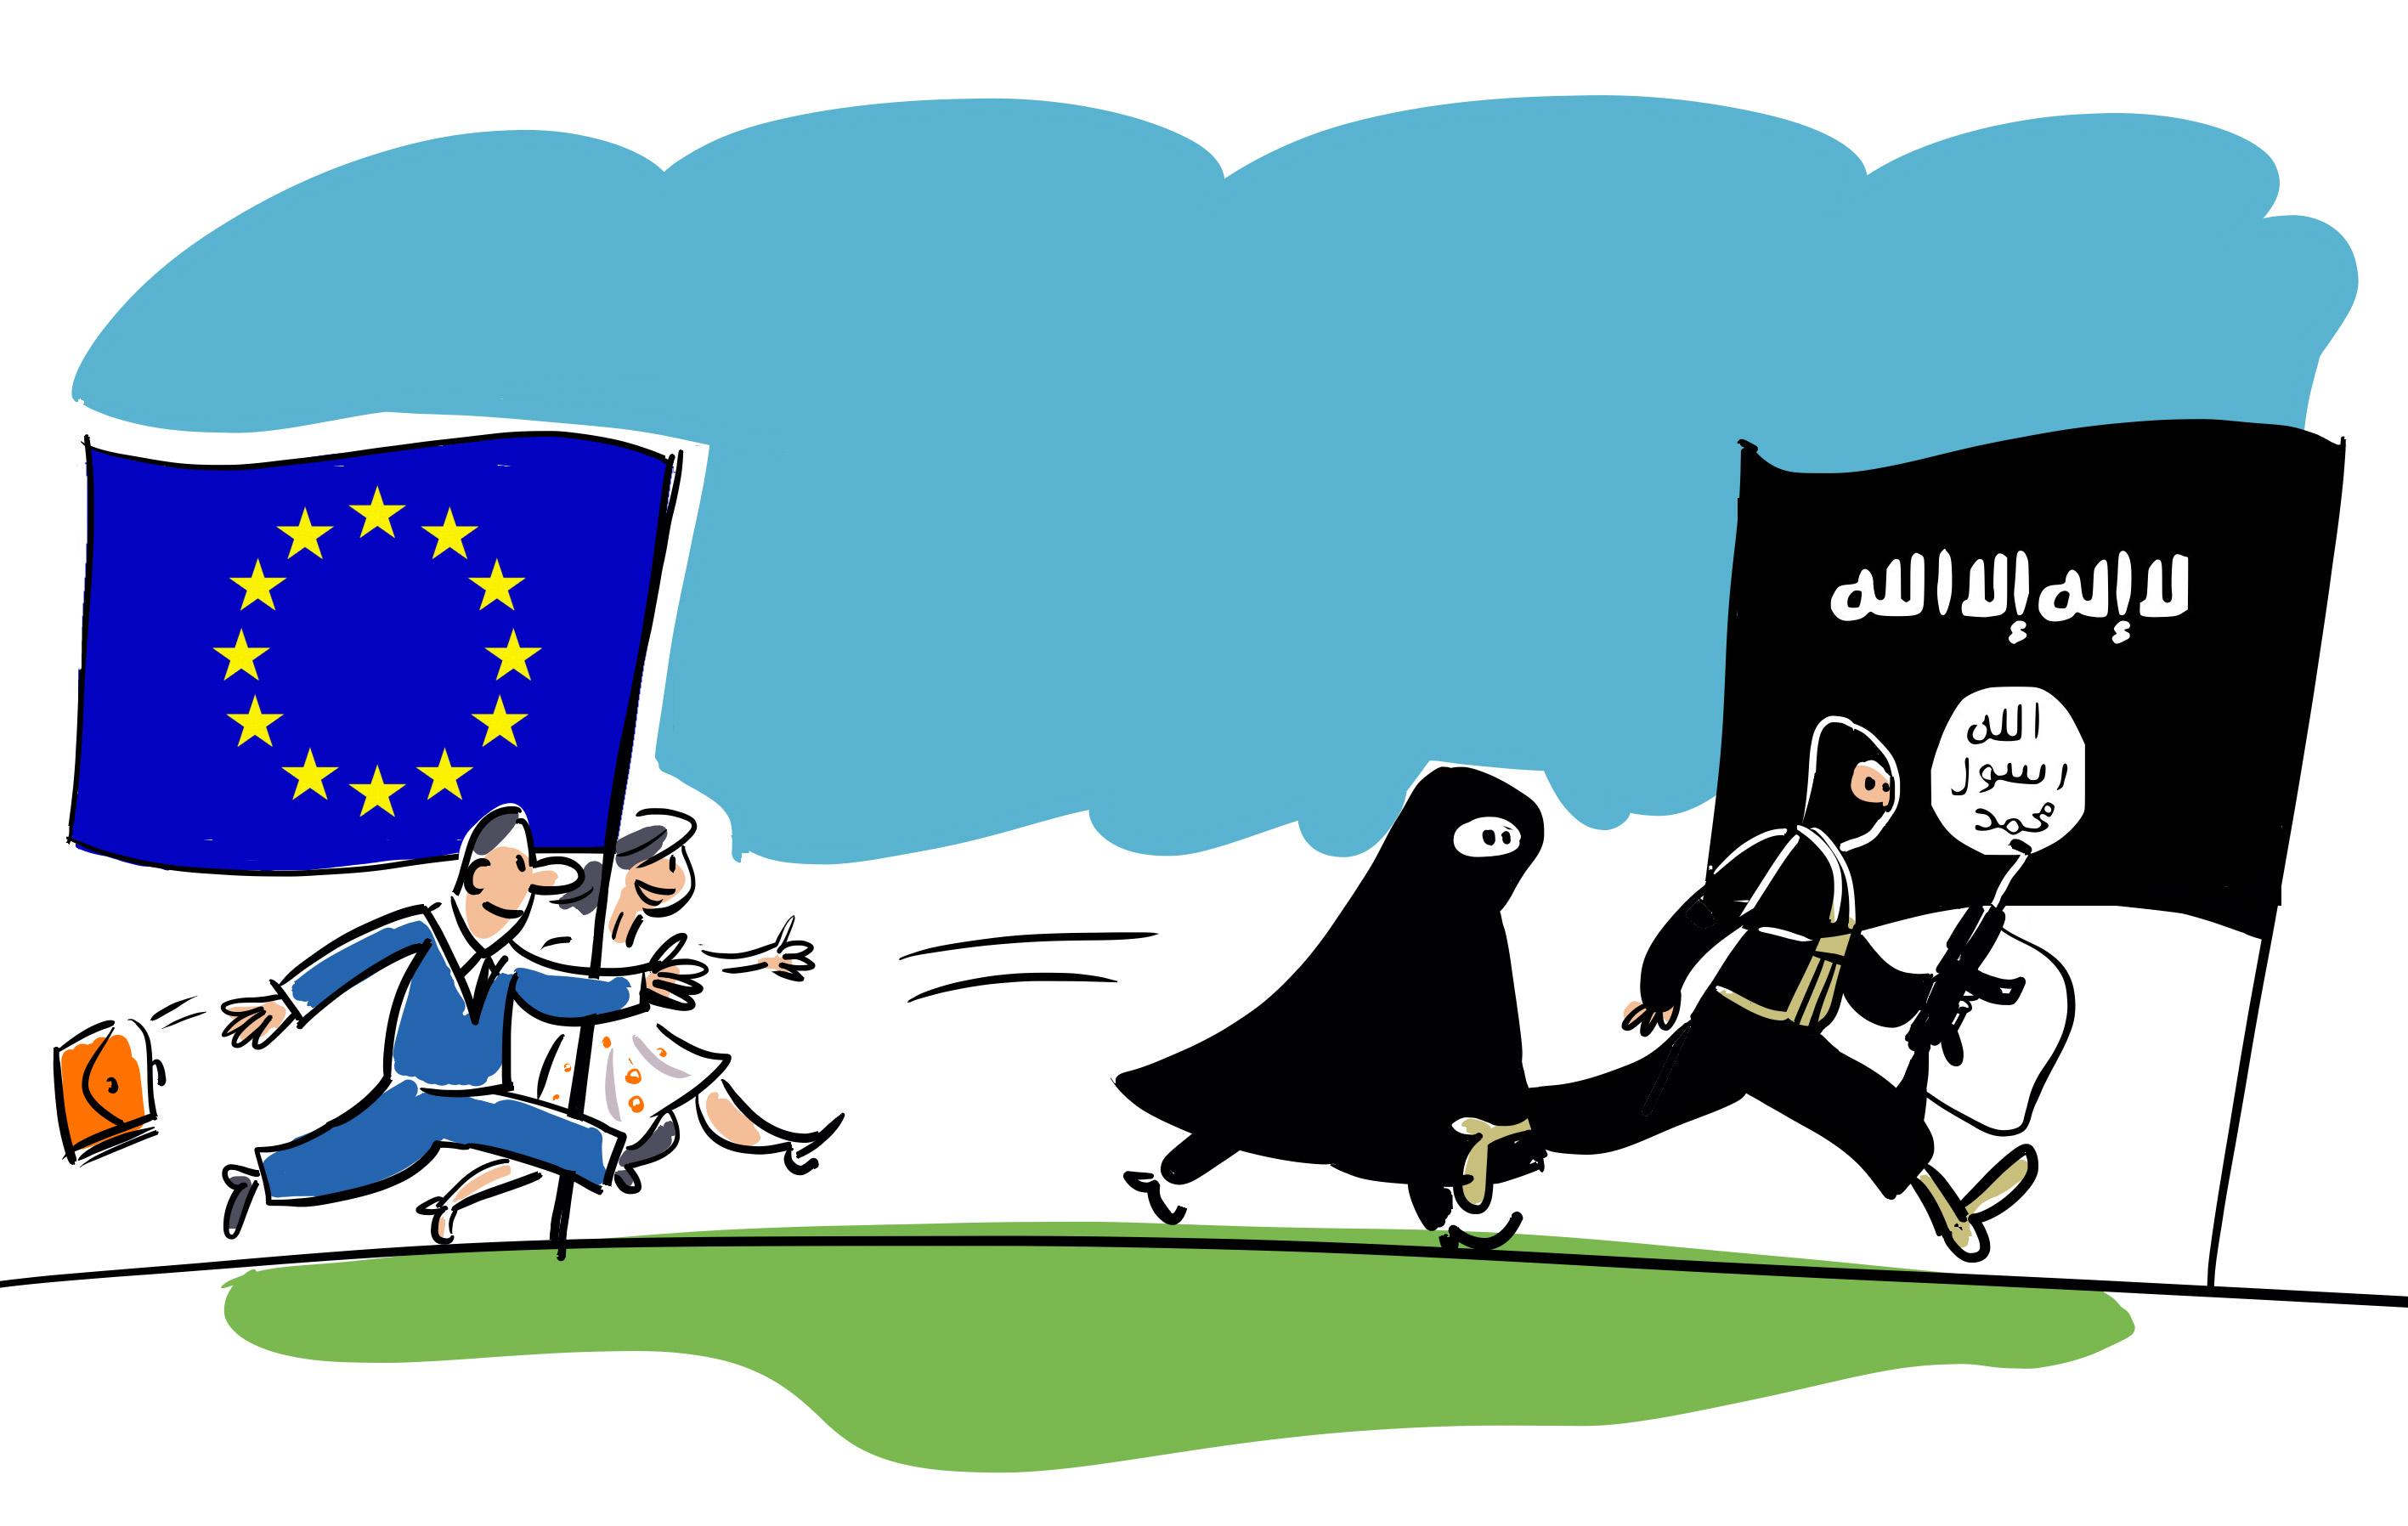 Засега решение на проблема с ИДИЛ няма и на света остава да се бори не със същността на това явление, а само с неговите конкретни проявления във вида на потоци от бежанци, на жестокости и тероризъм.